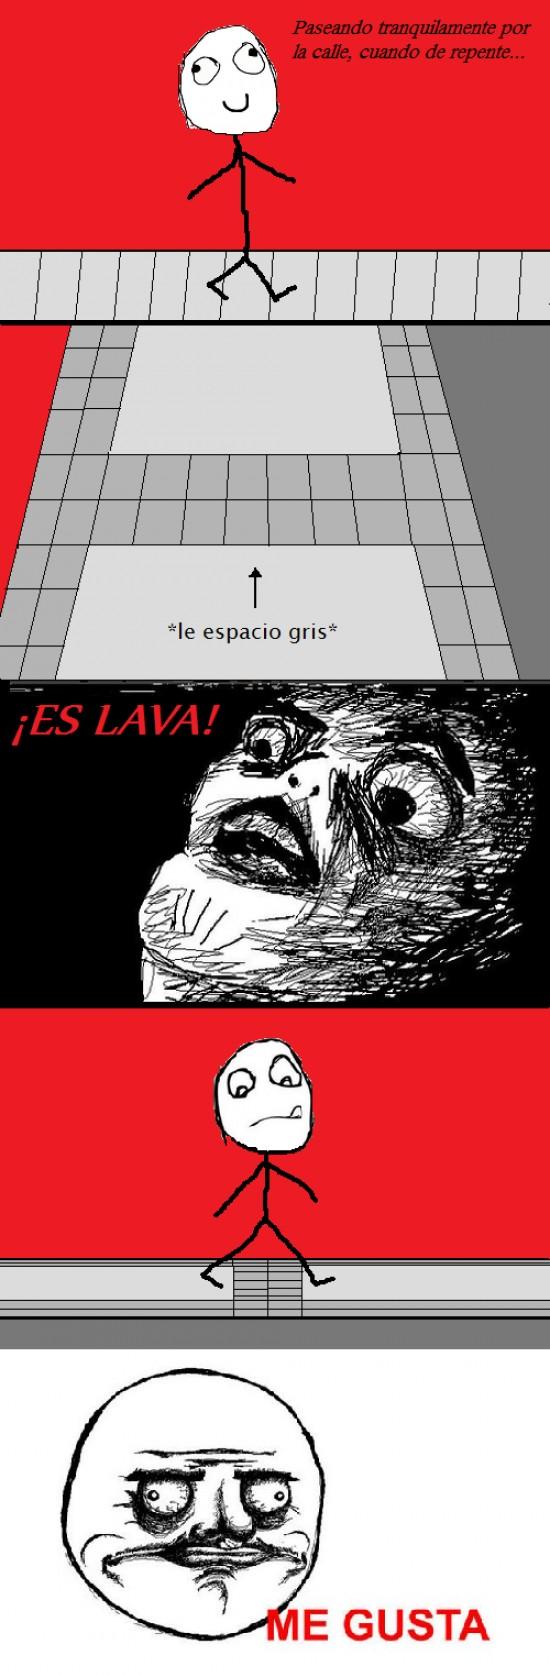 Me_gusta - Acera de lava